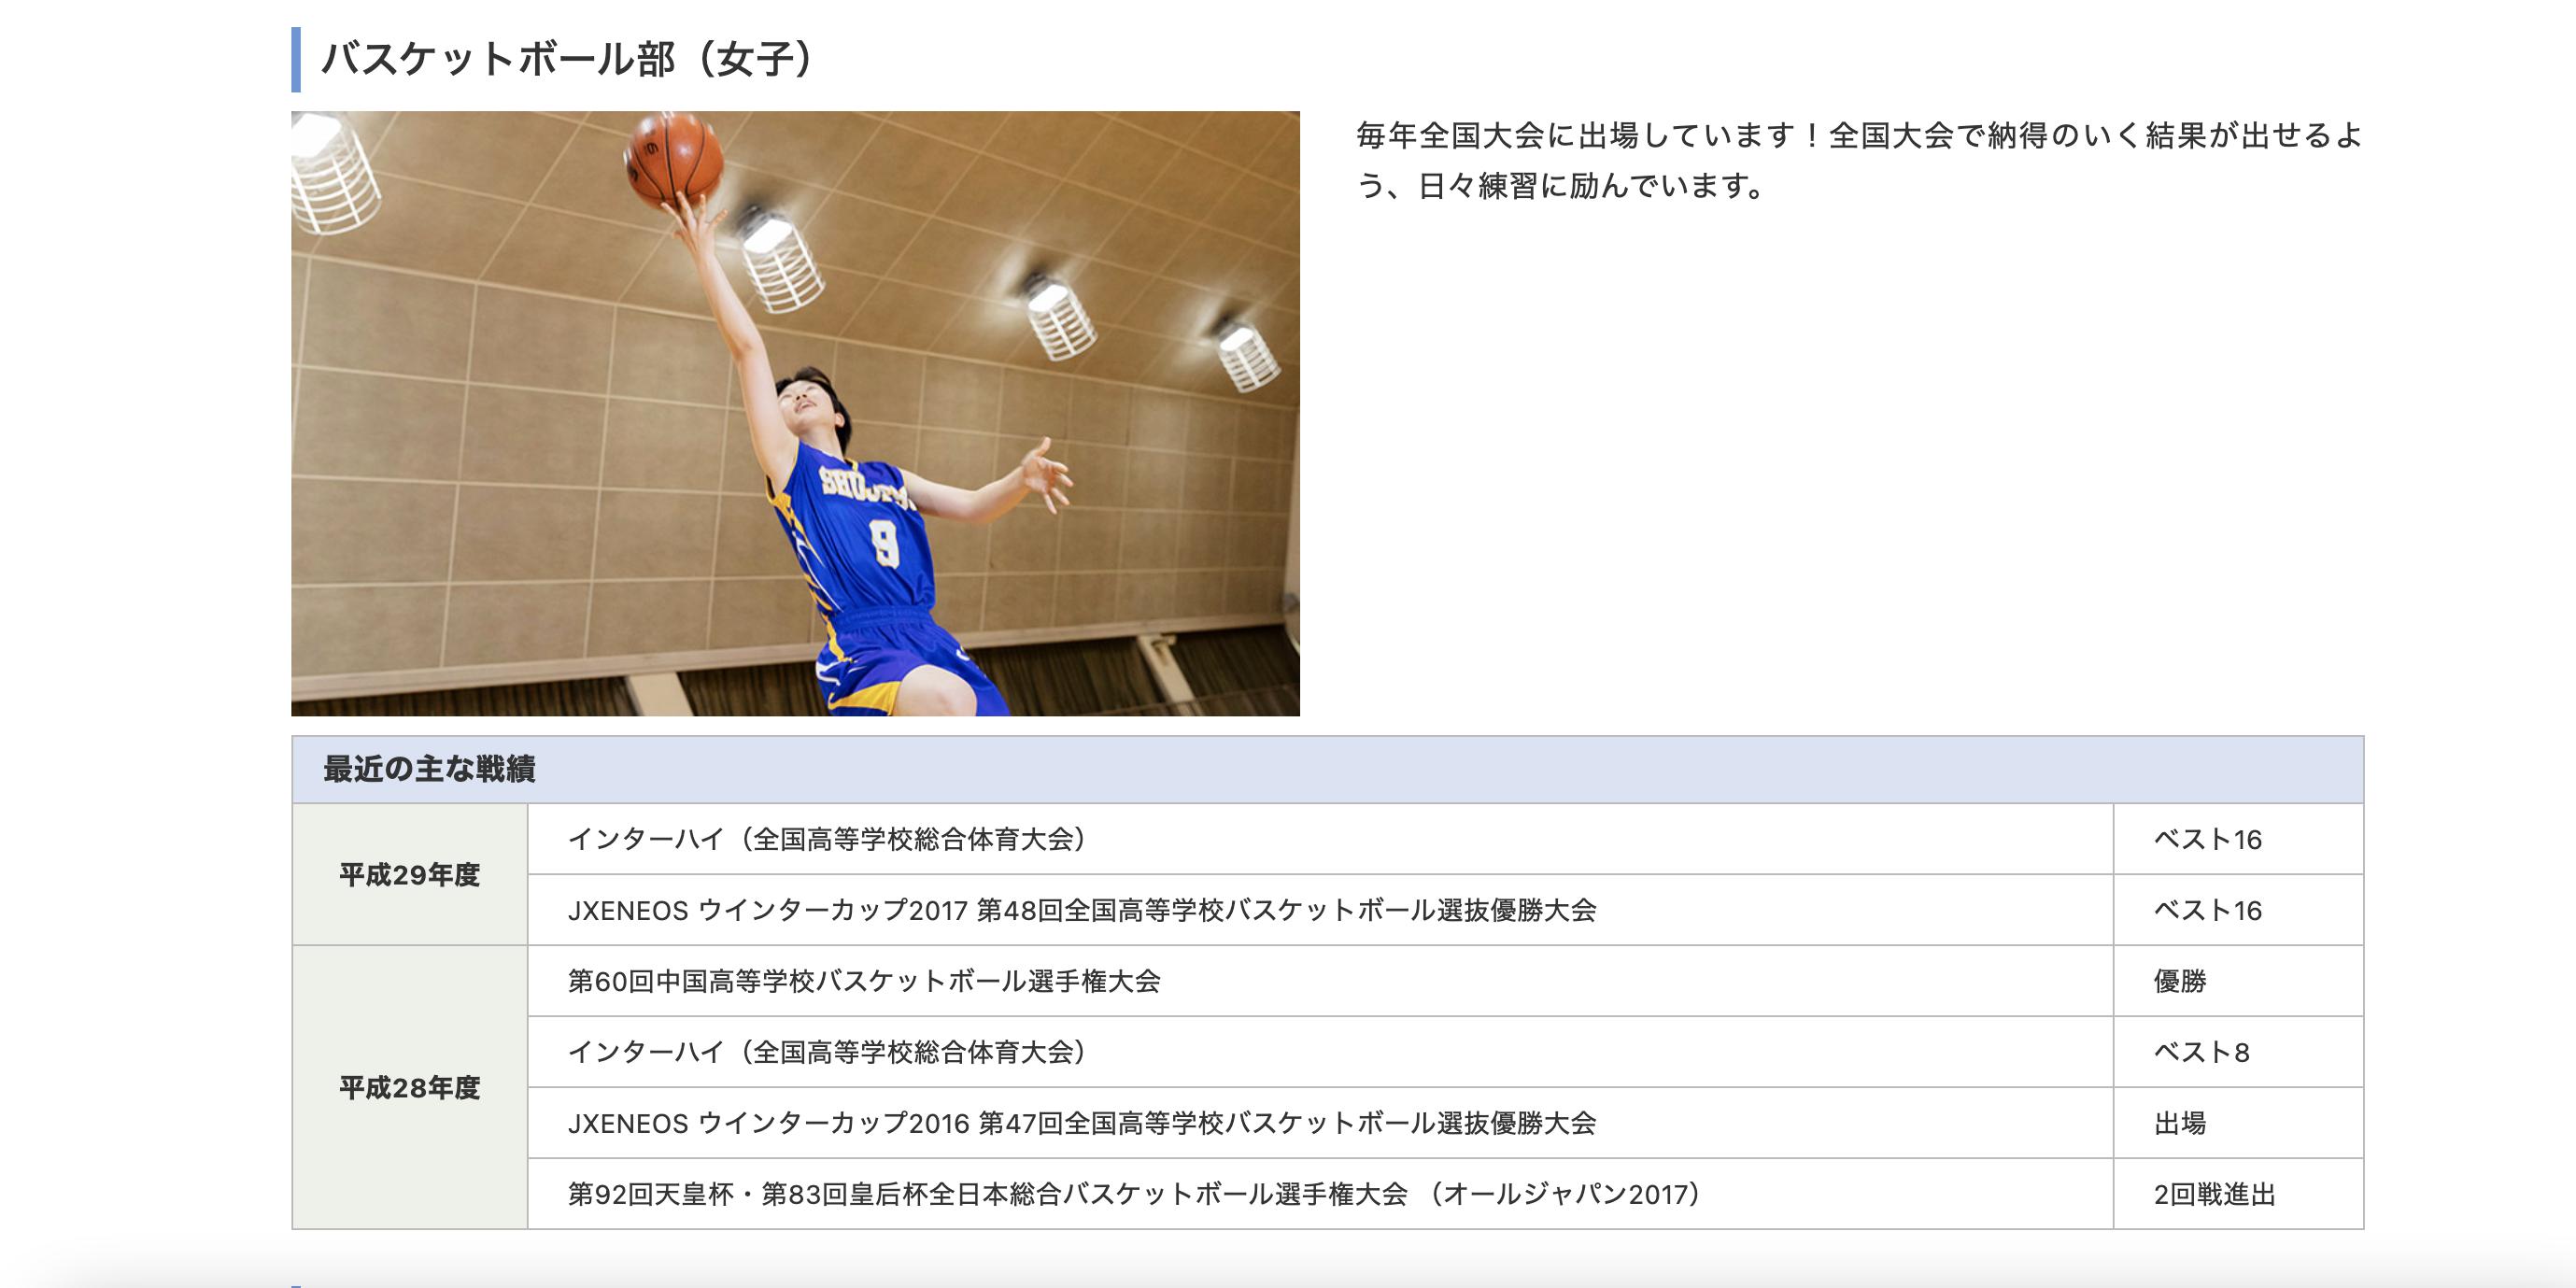 就実女子バスケットボール部